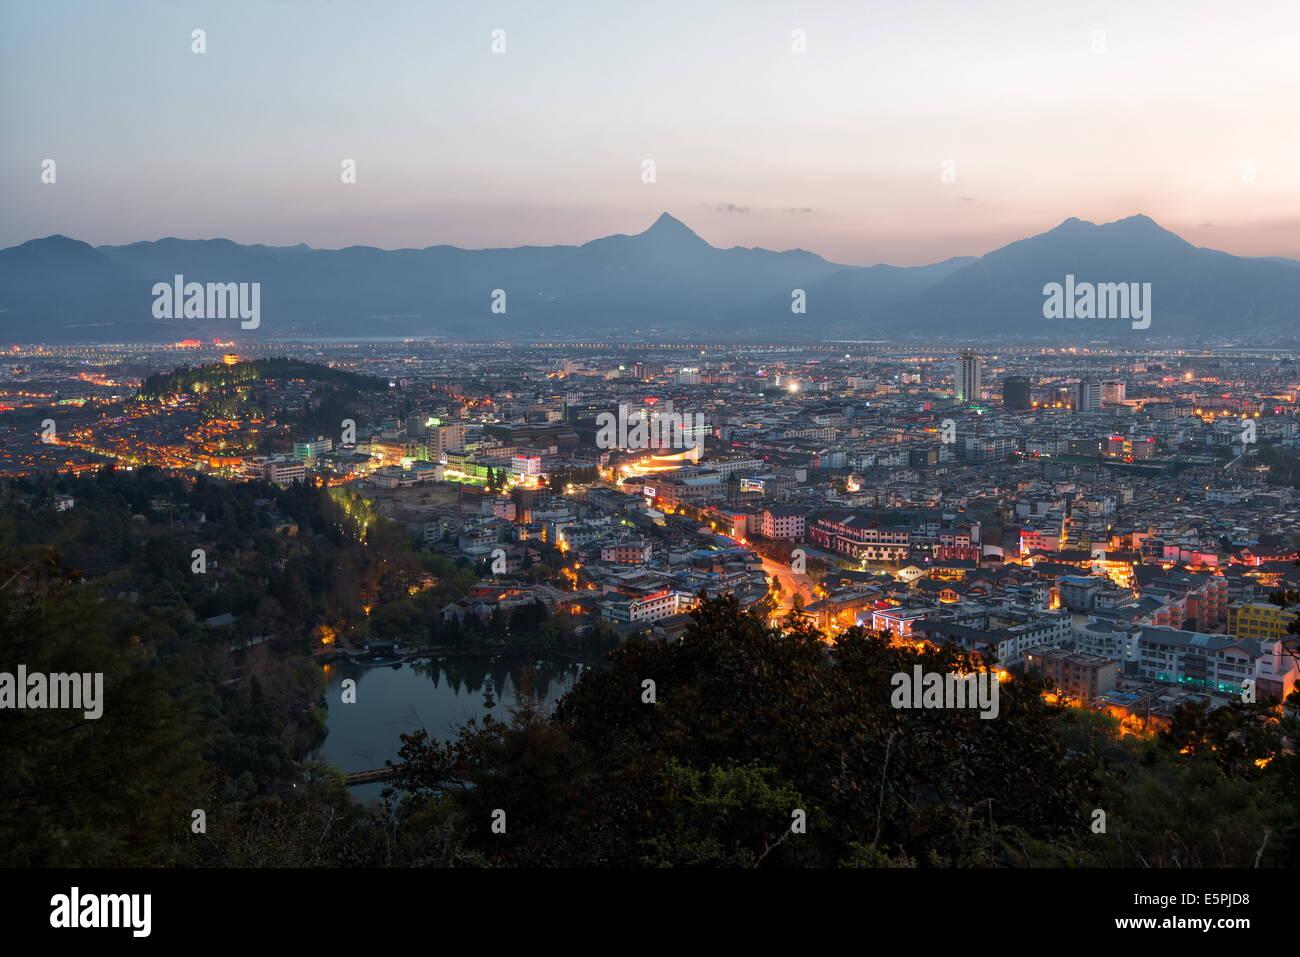 Rues de la région de Lijiang, avec Jade Spring Park, Lion Hill et les montagnes environnantes, Lijiang, Yunnan, Photo Stock